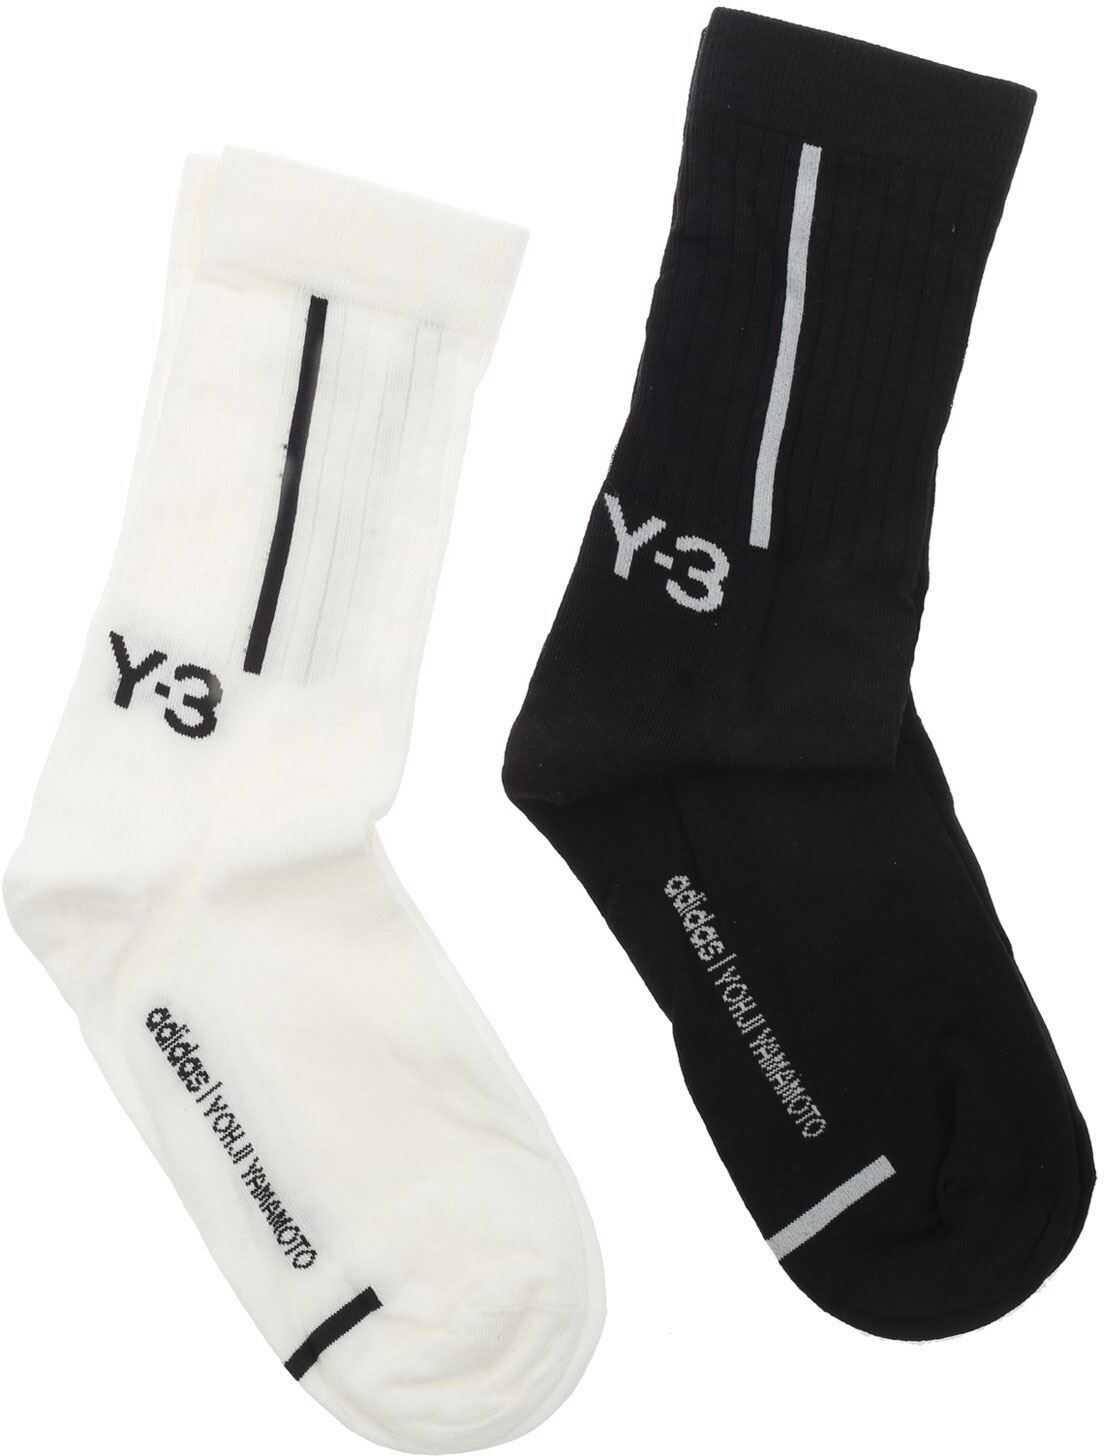 Y-3 Logo Socks Set In Black And White Black